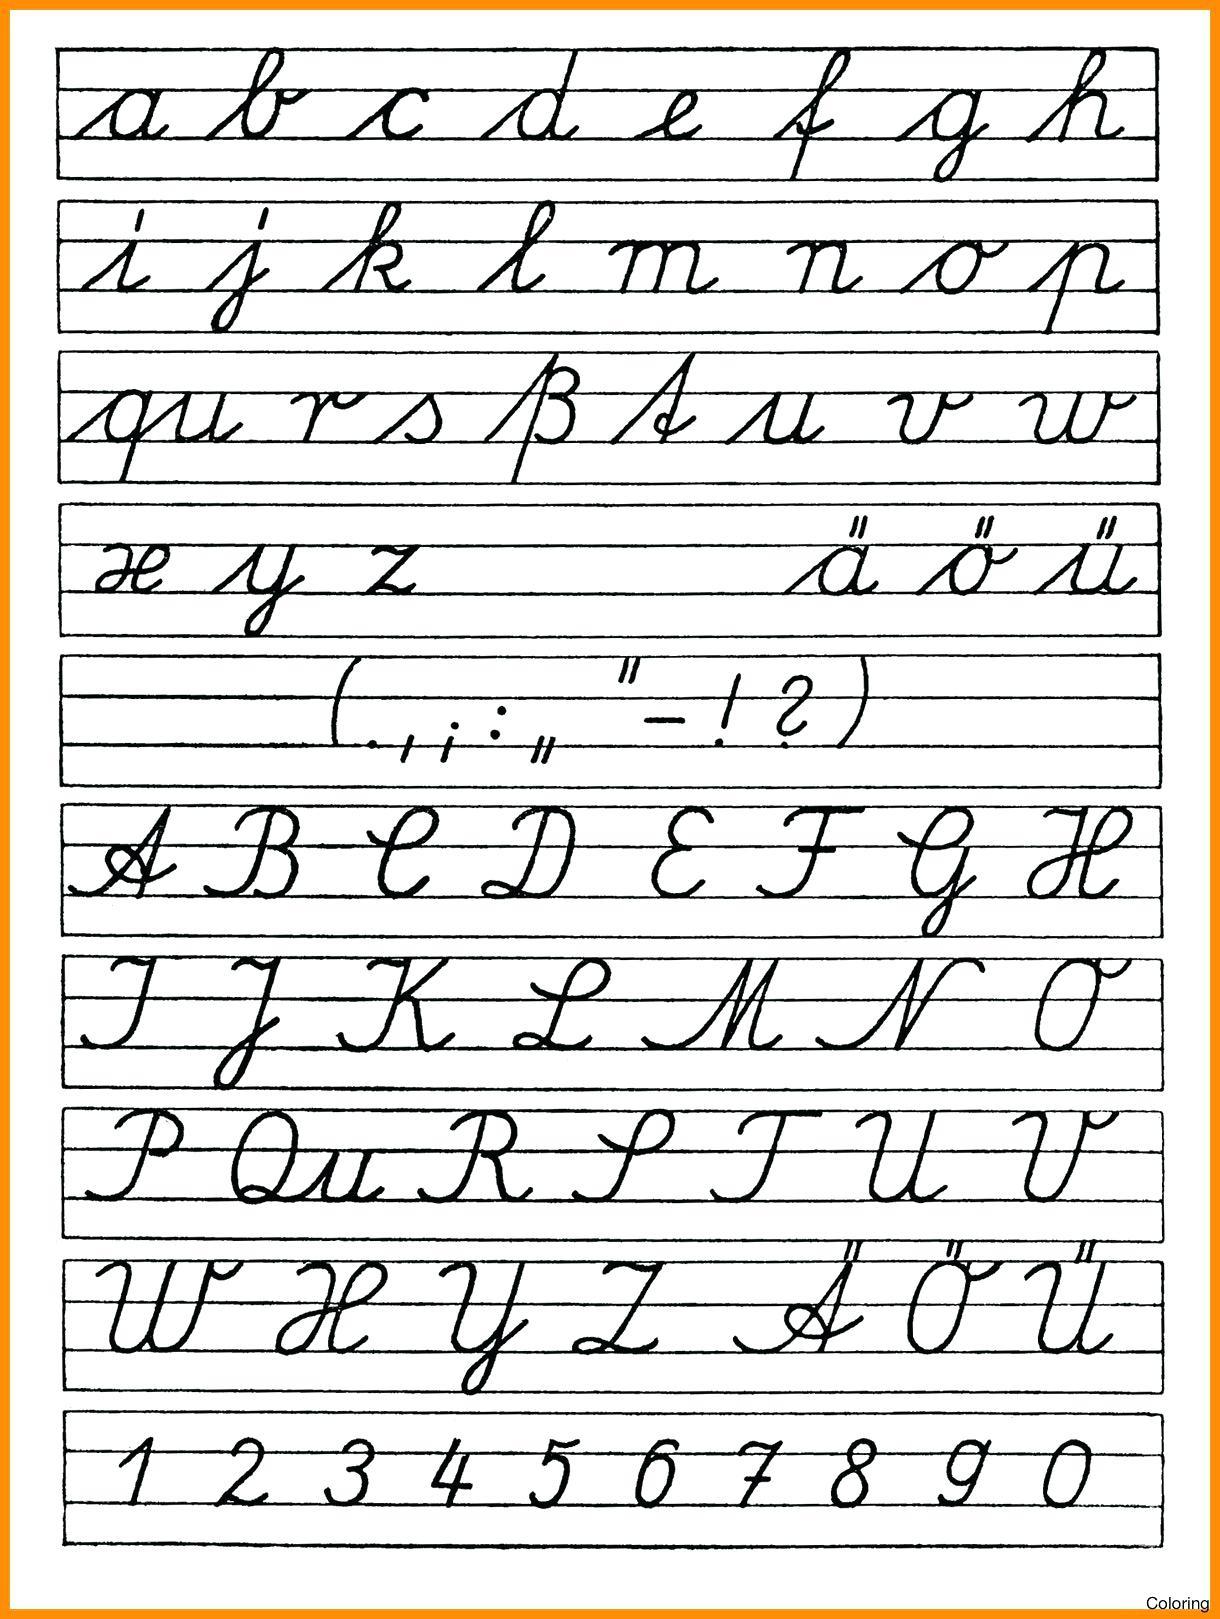 Cursive Letter Worksheet Printables Cursive Letters Worksheet Luxury - Free Printable Cursive Handwriting Worksheets